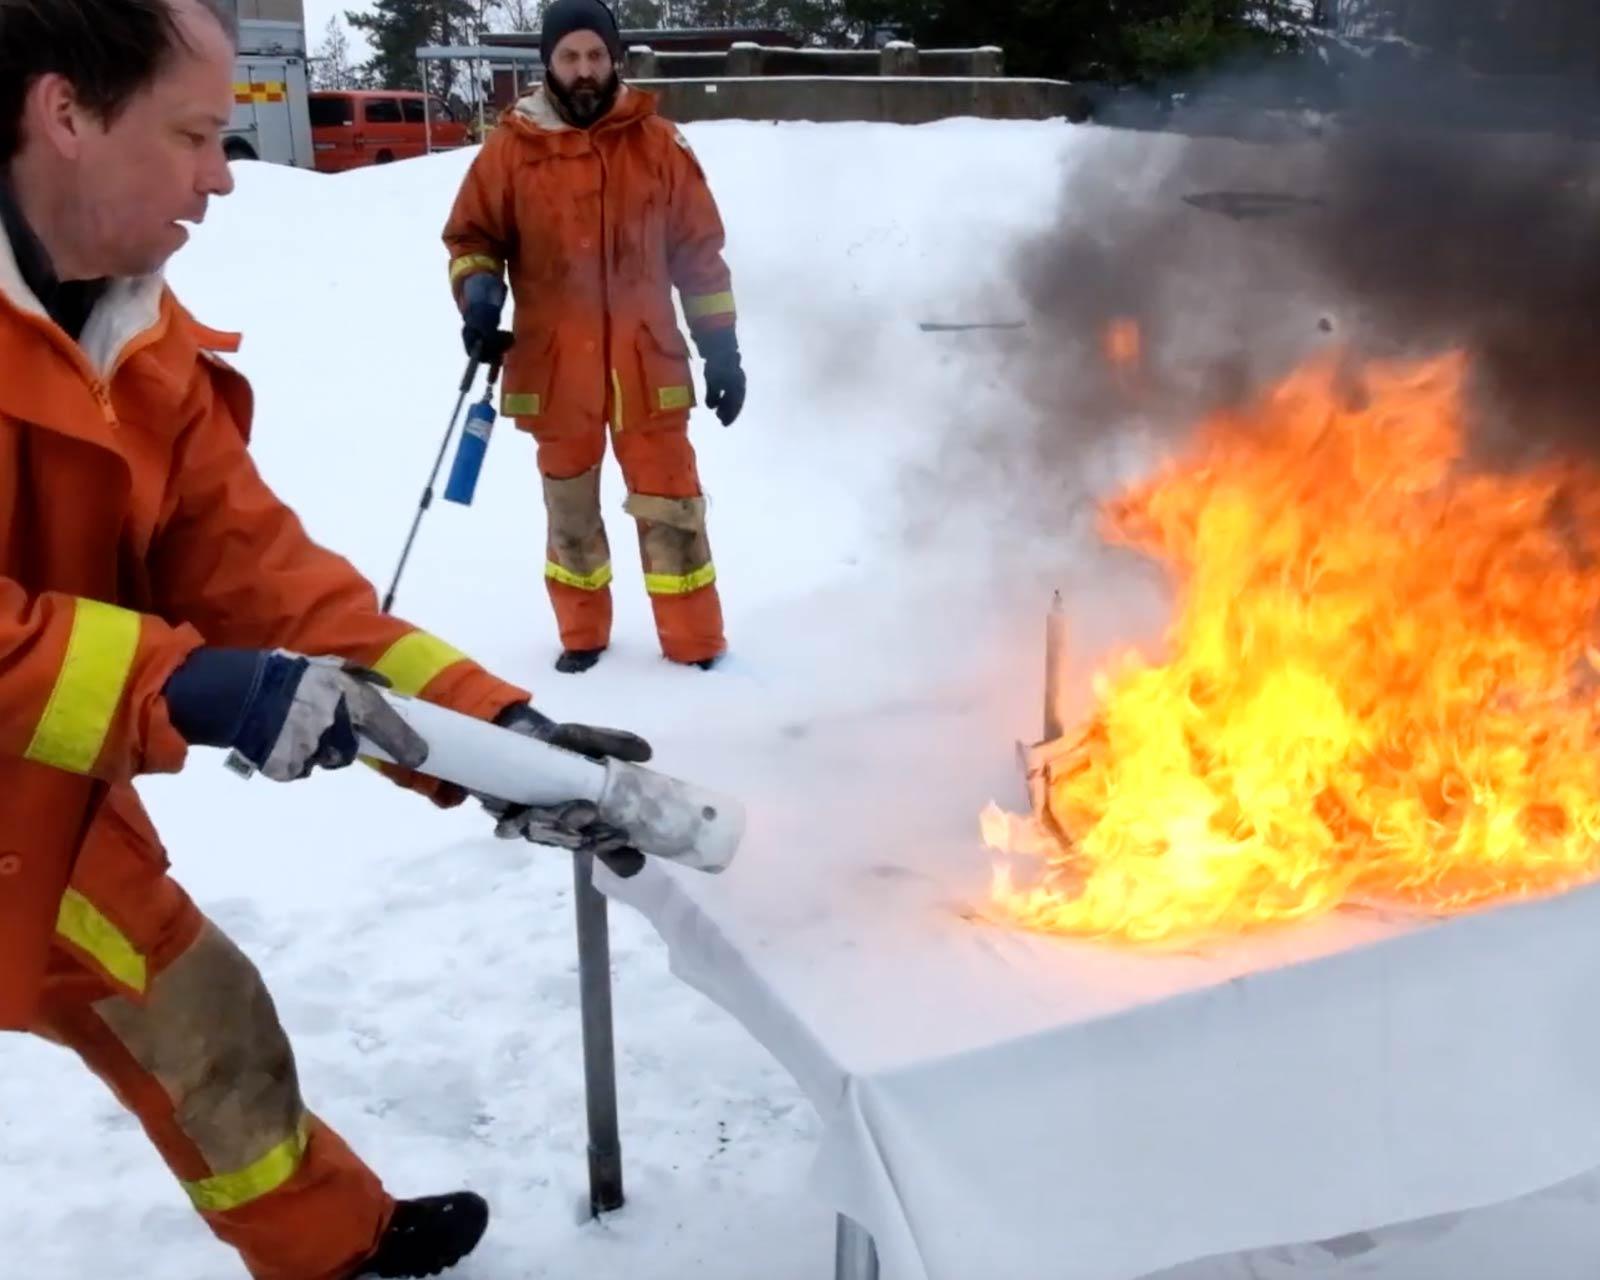 Andreas och Martin släcker eld utomhus med en Firemill